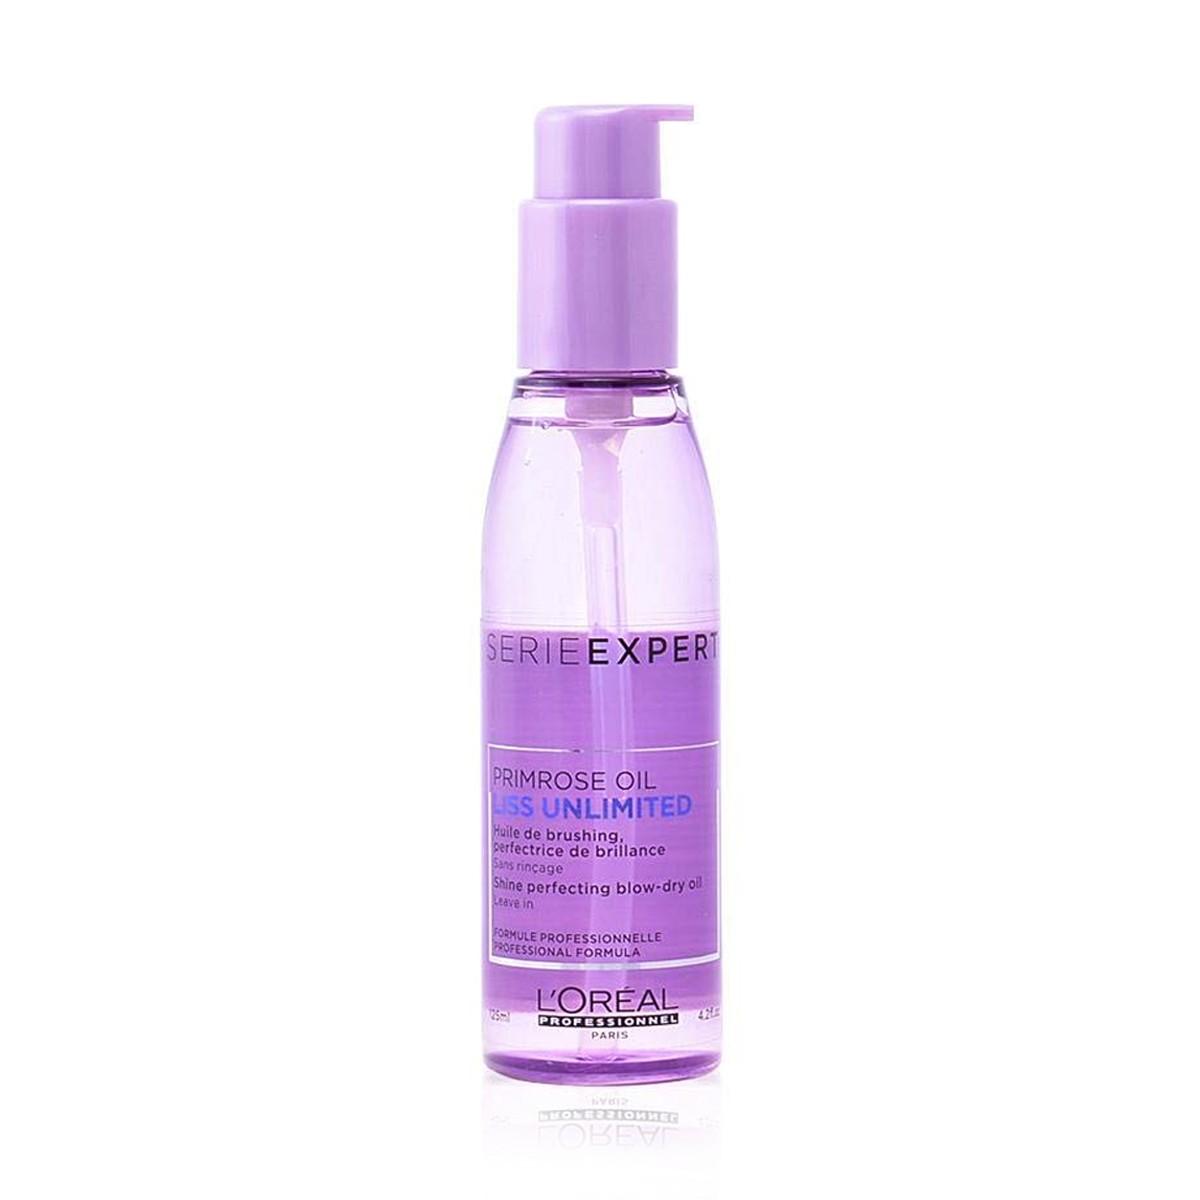 LOREAL Expert Liss Unlimited Oil 125ml - Olejek nabłyszczający do włosów niezdyscyplinowanych, kręconych, puszących i suchych